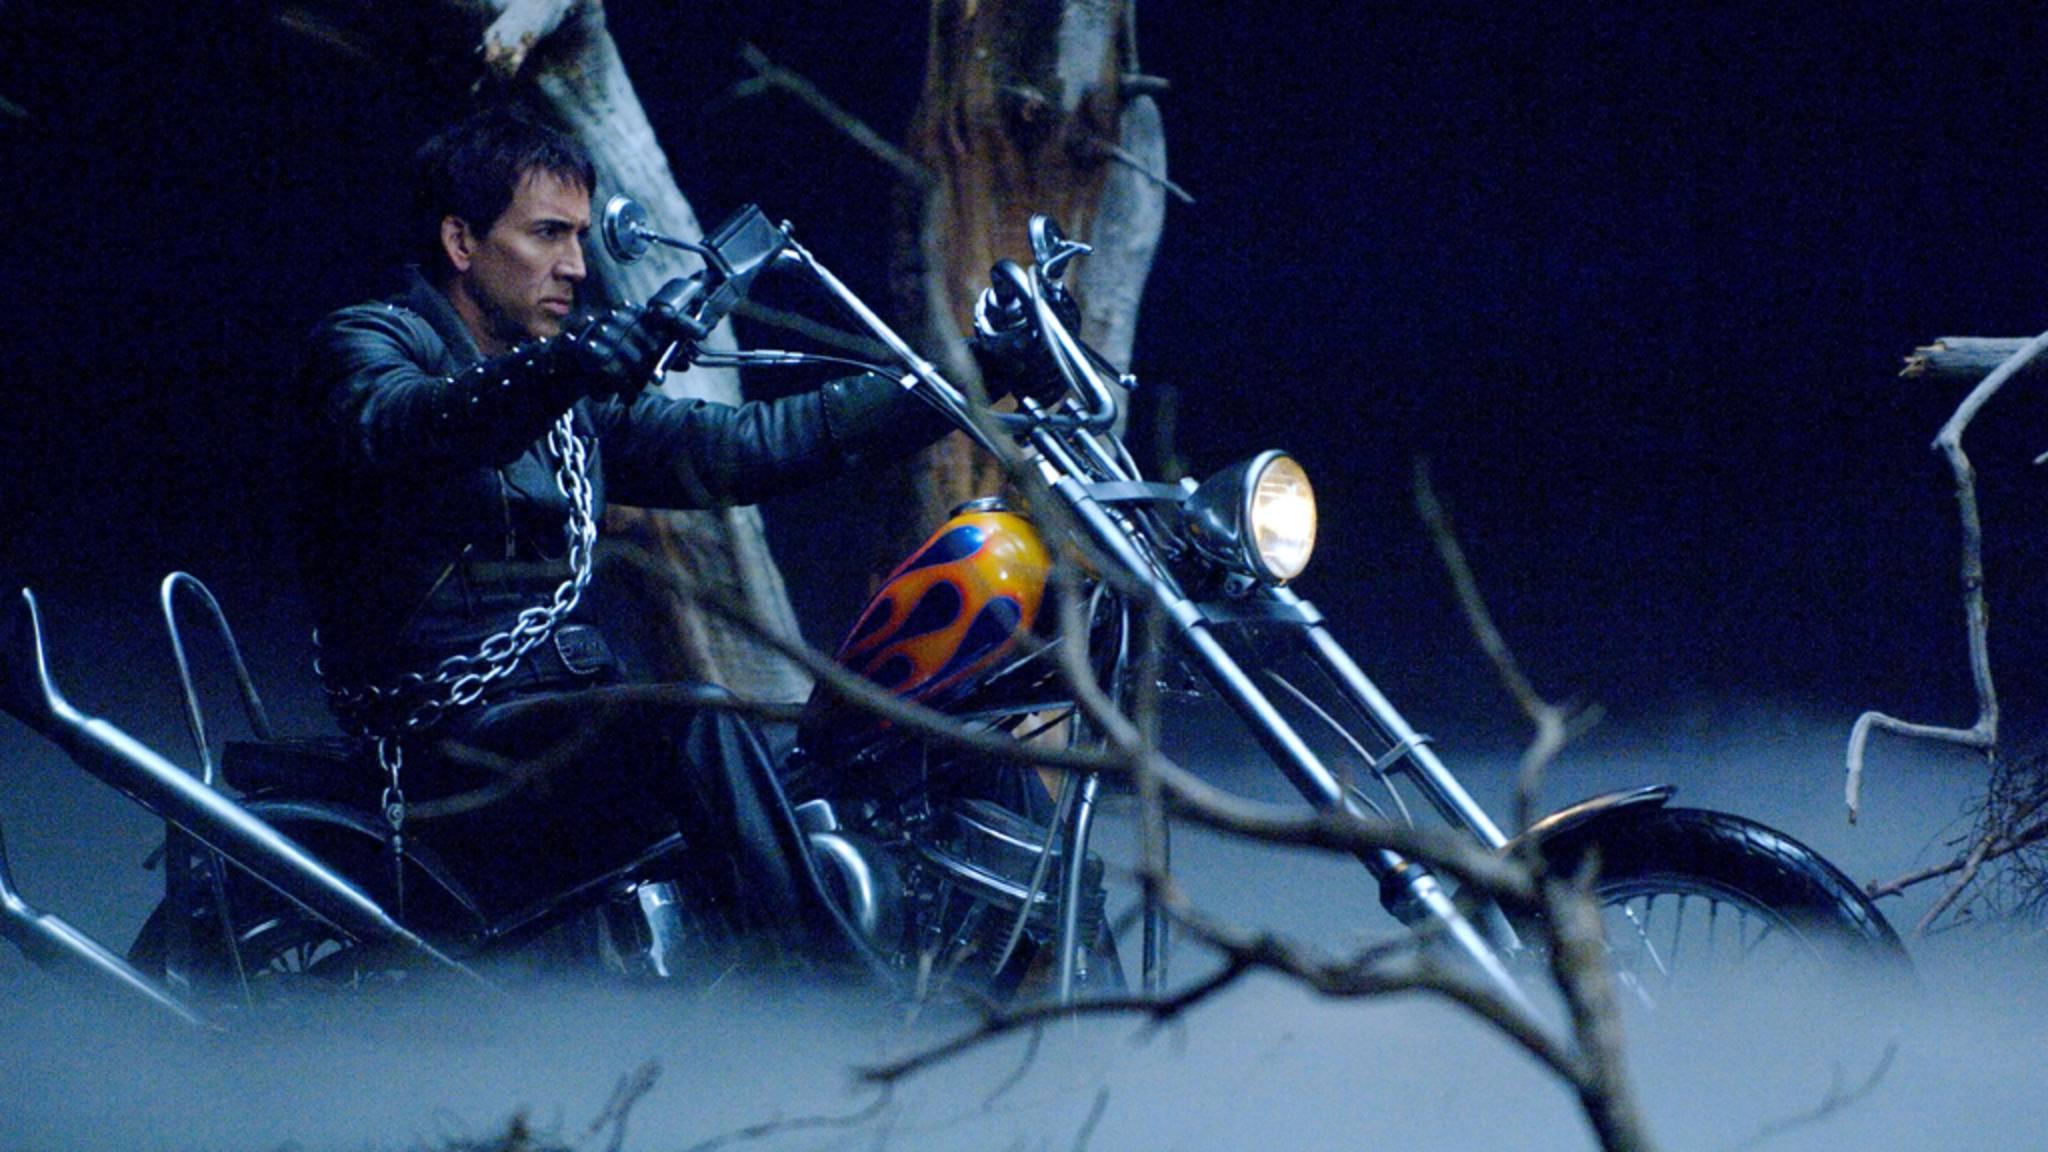 Nicolas Cage hätte nichts gegen eine weitere Fahrt für den Ghost Rider einzuwenden – allerdings will er selbst nicht erneut in den Sattel steigen.